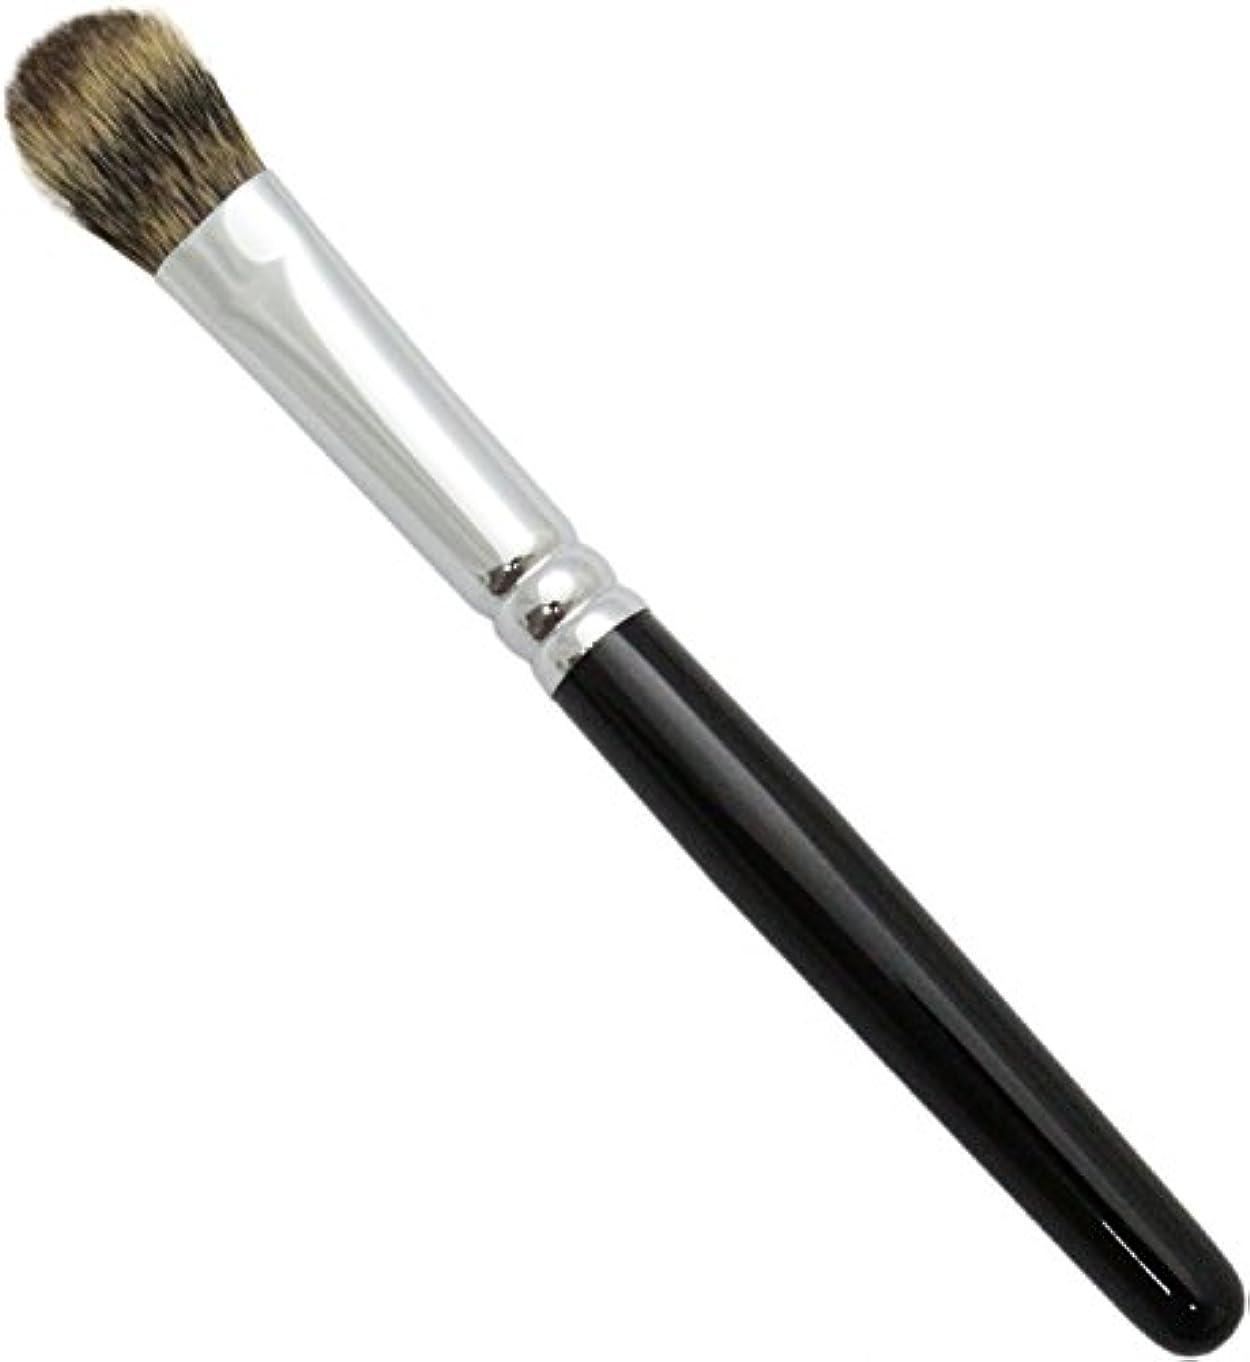 ビンどちらもワイヤー熊野筆 メイクブラシ SRシリーズ アイカラーブラシ 松リス毛